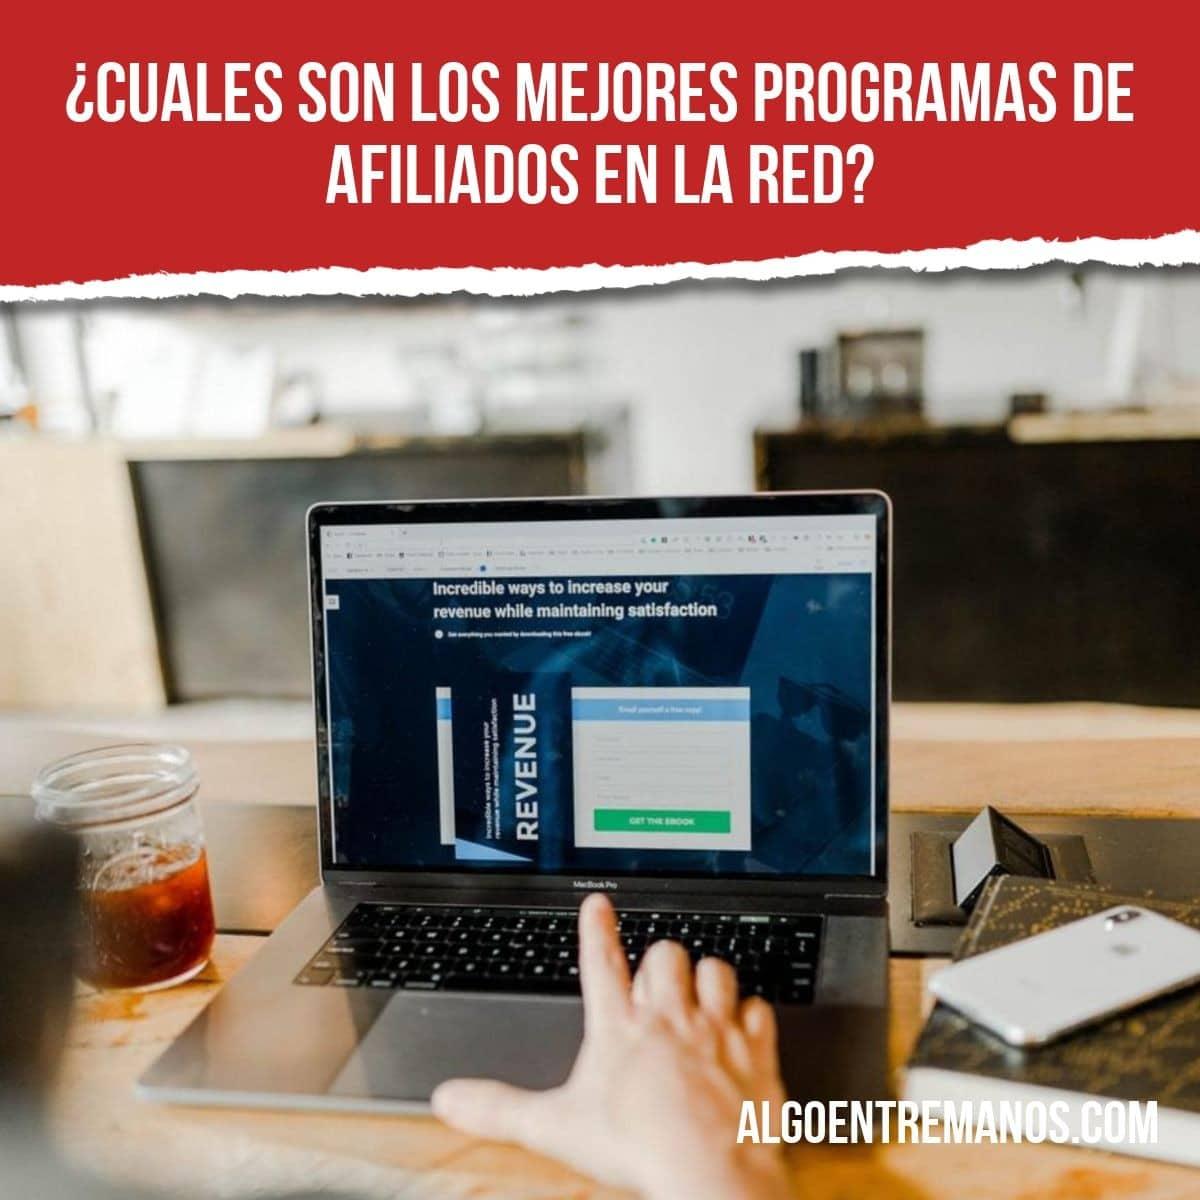 ¿Cuales son los mejores programas de afiliados en la red?